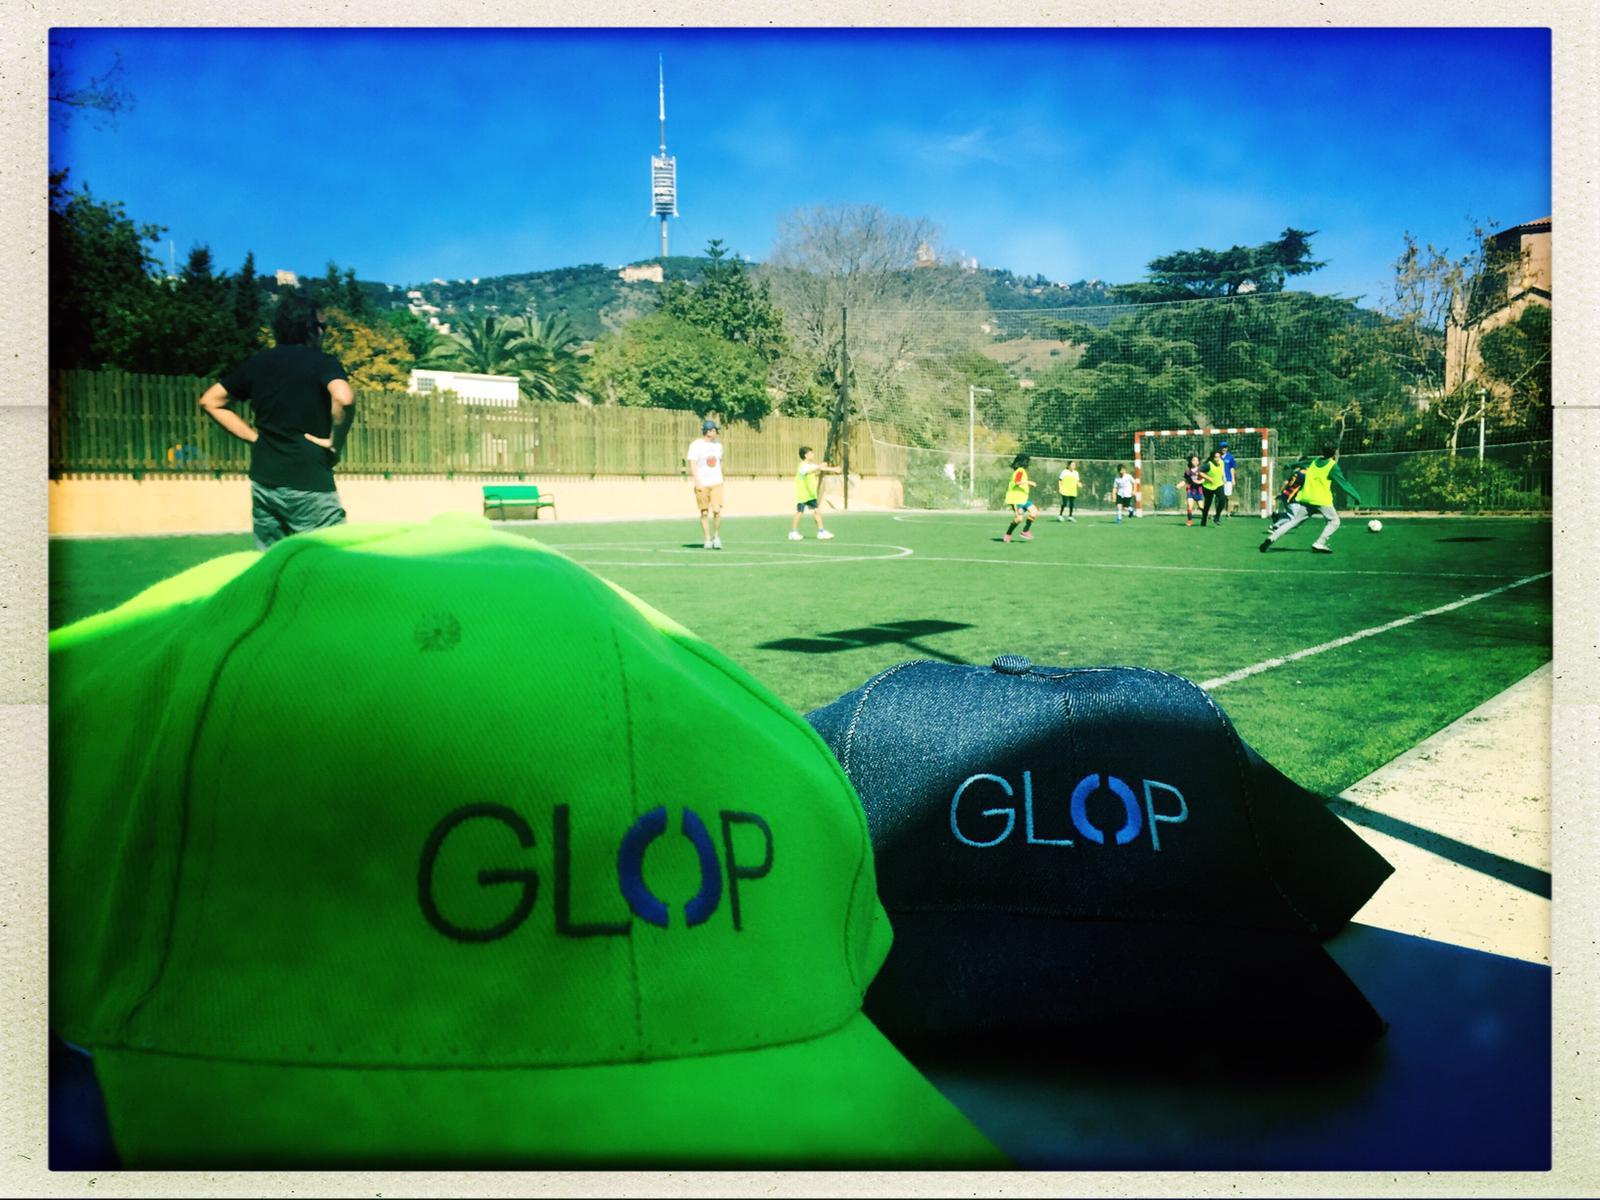 Glop Club - Gorras